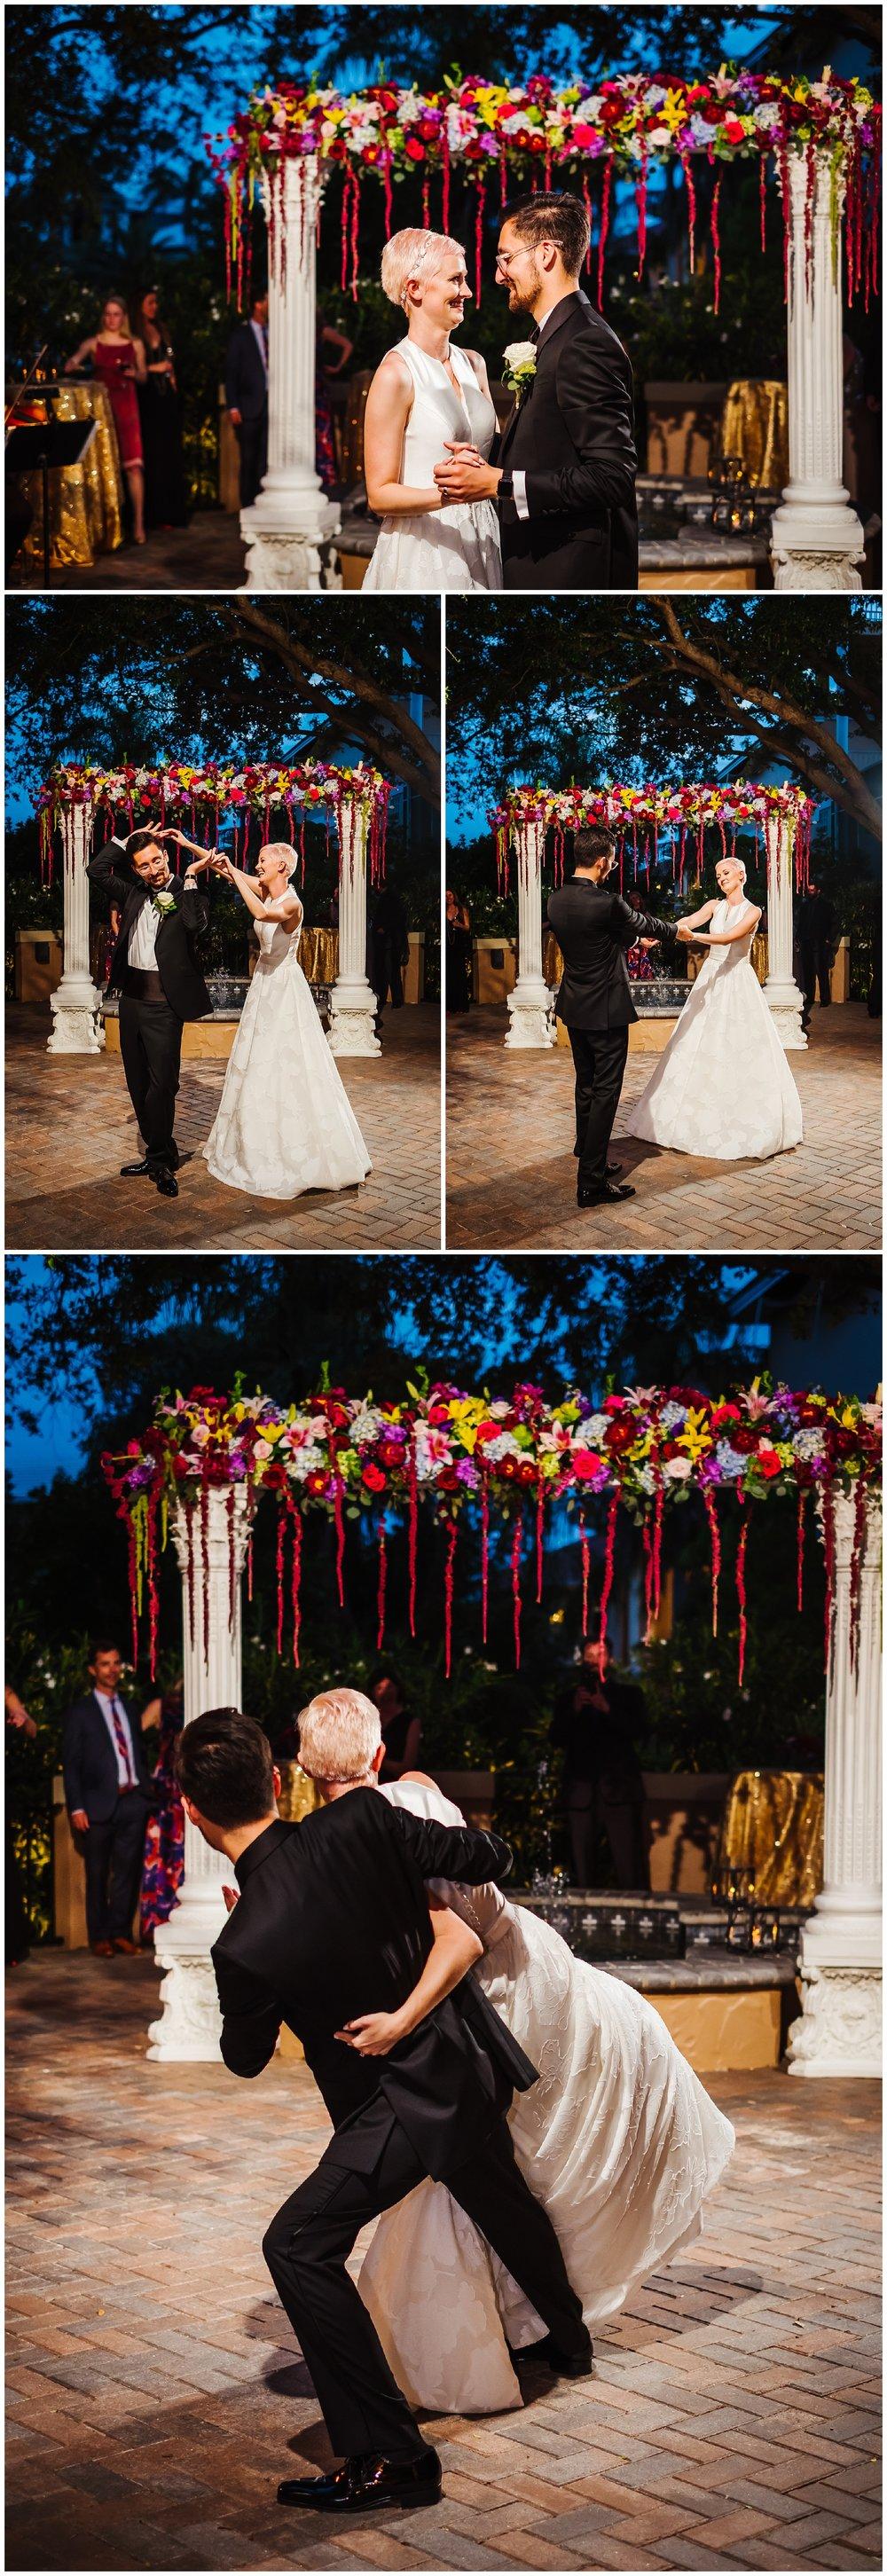 tierra-verde-st-pete-florida-home-luxury-wedding-greenery-pink-pixie-bride_0073.jpg